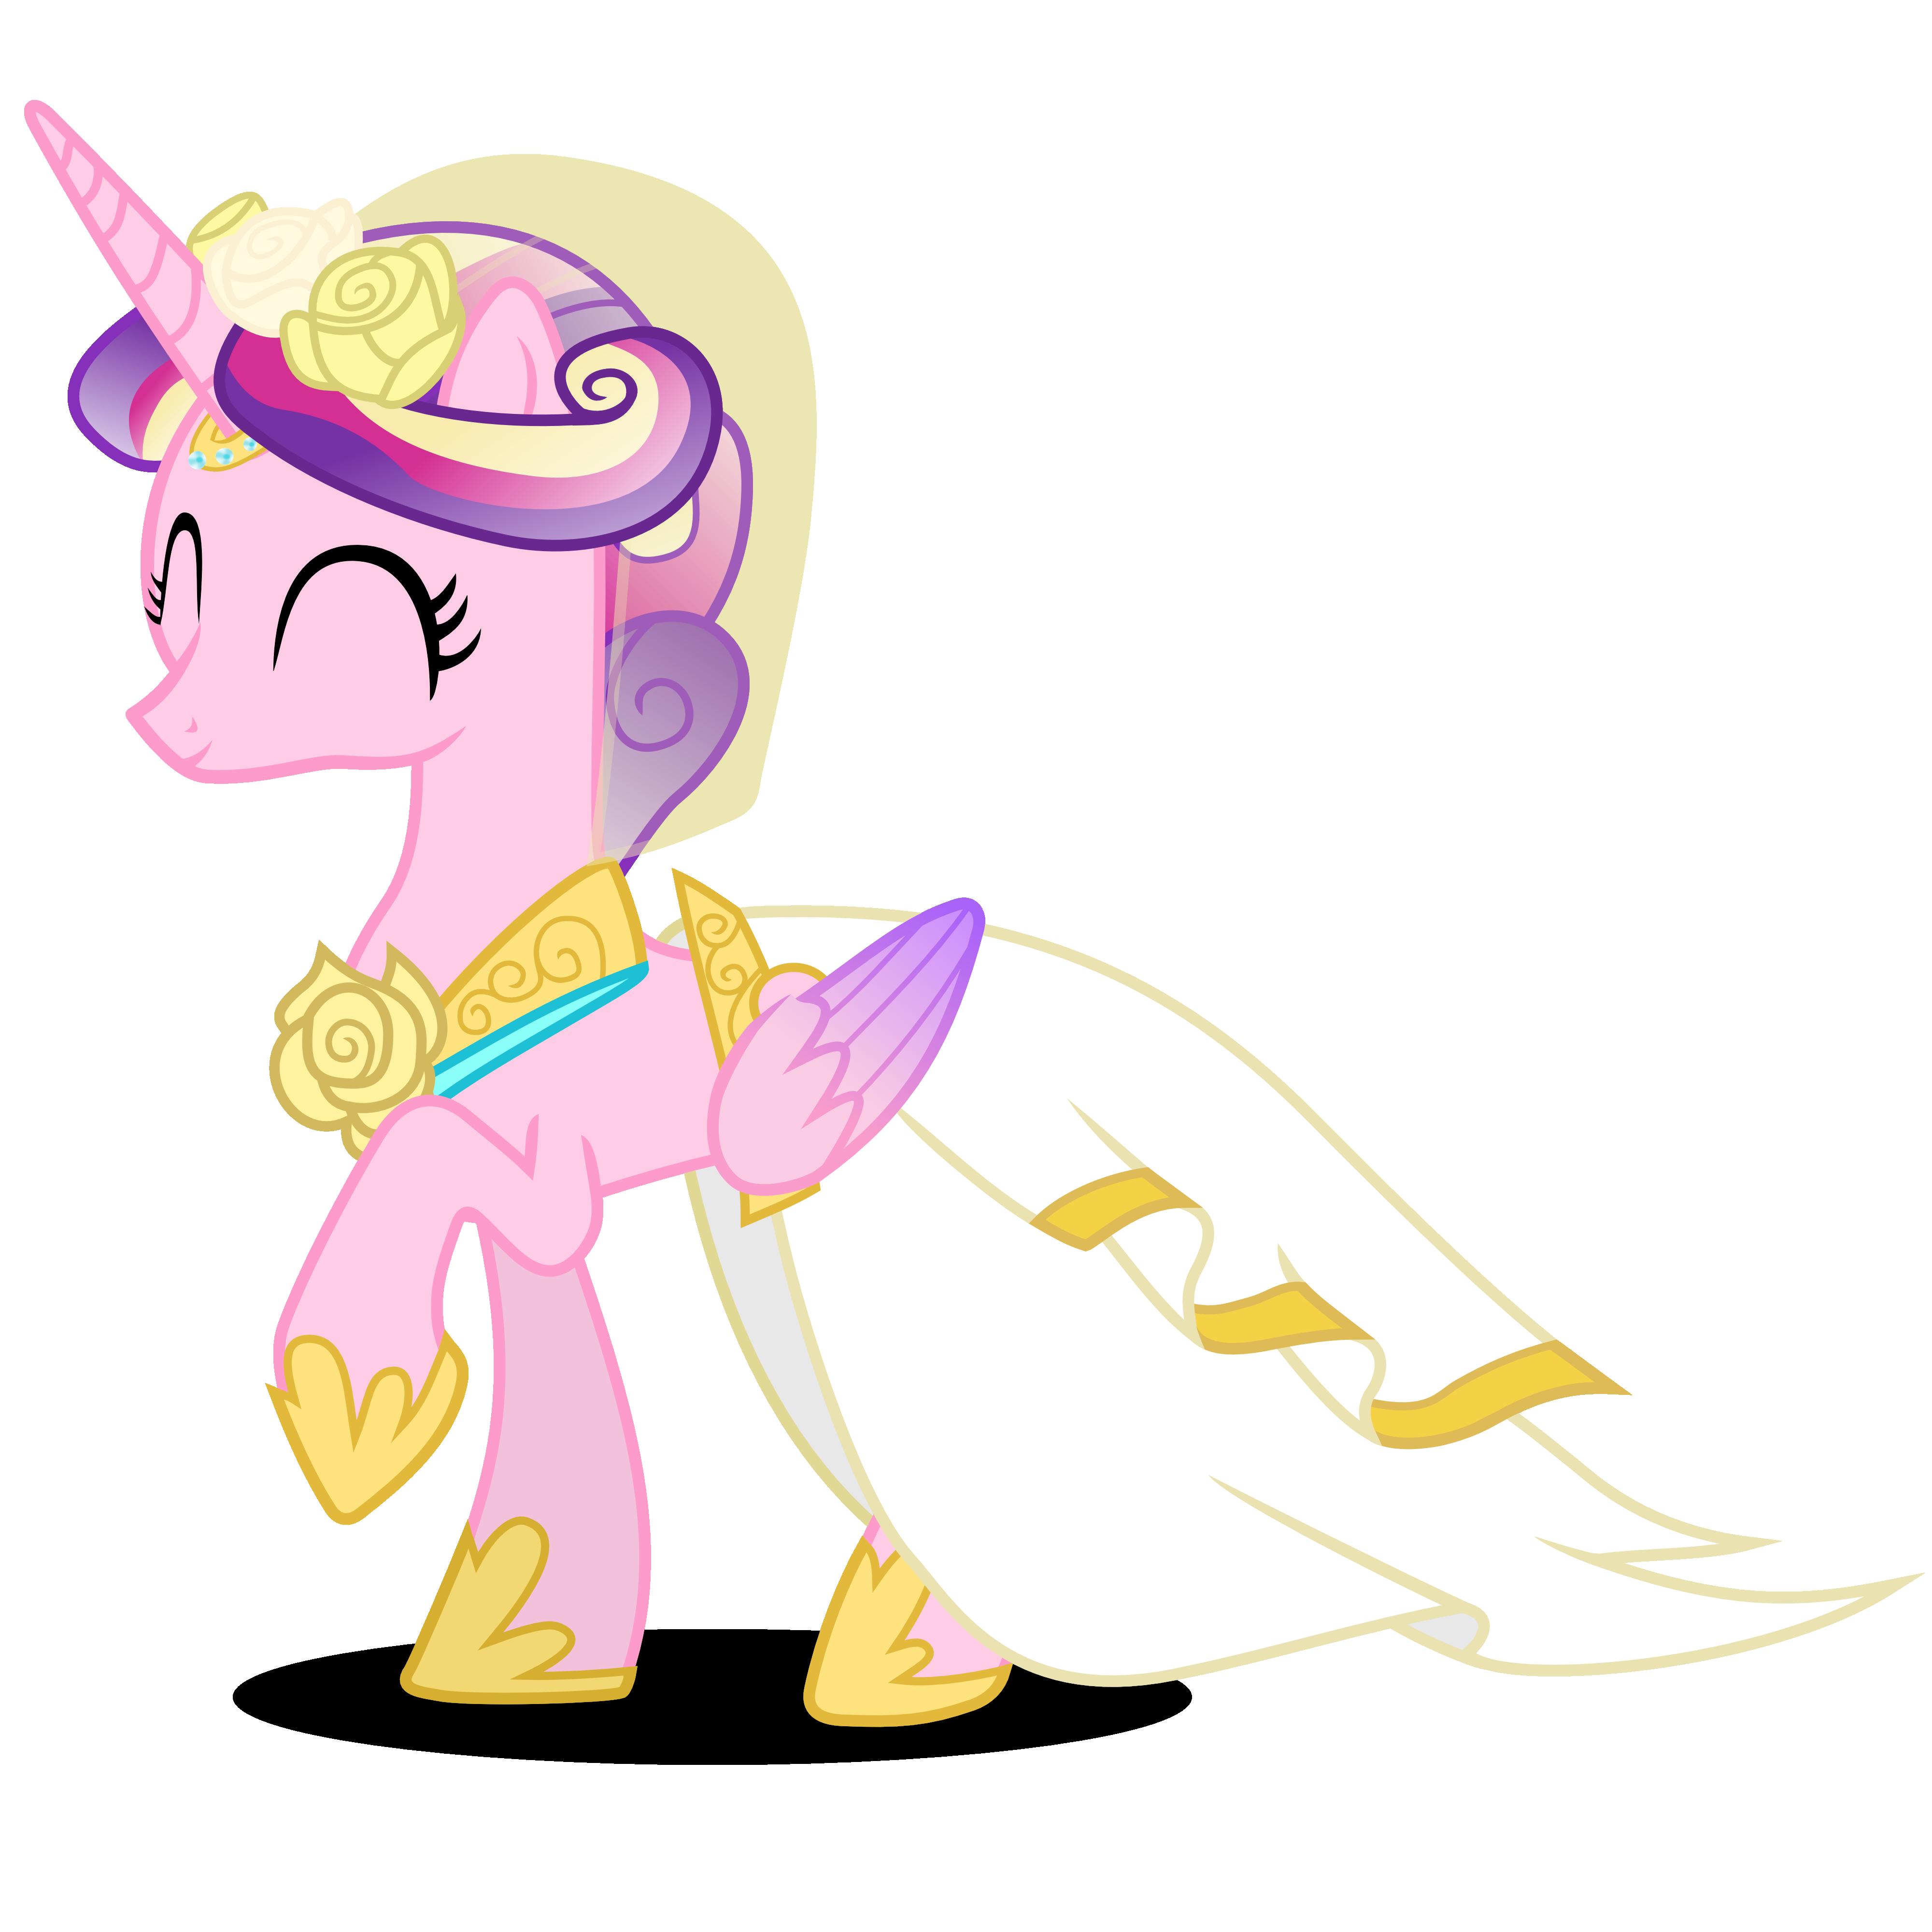 Happy Princess Cadance